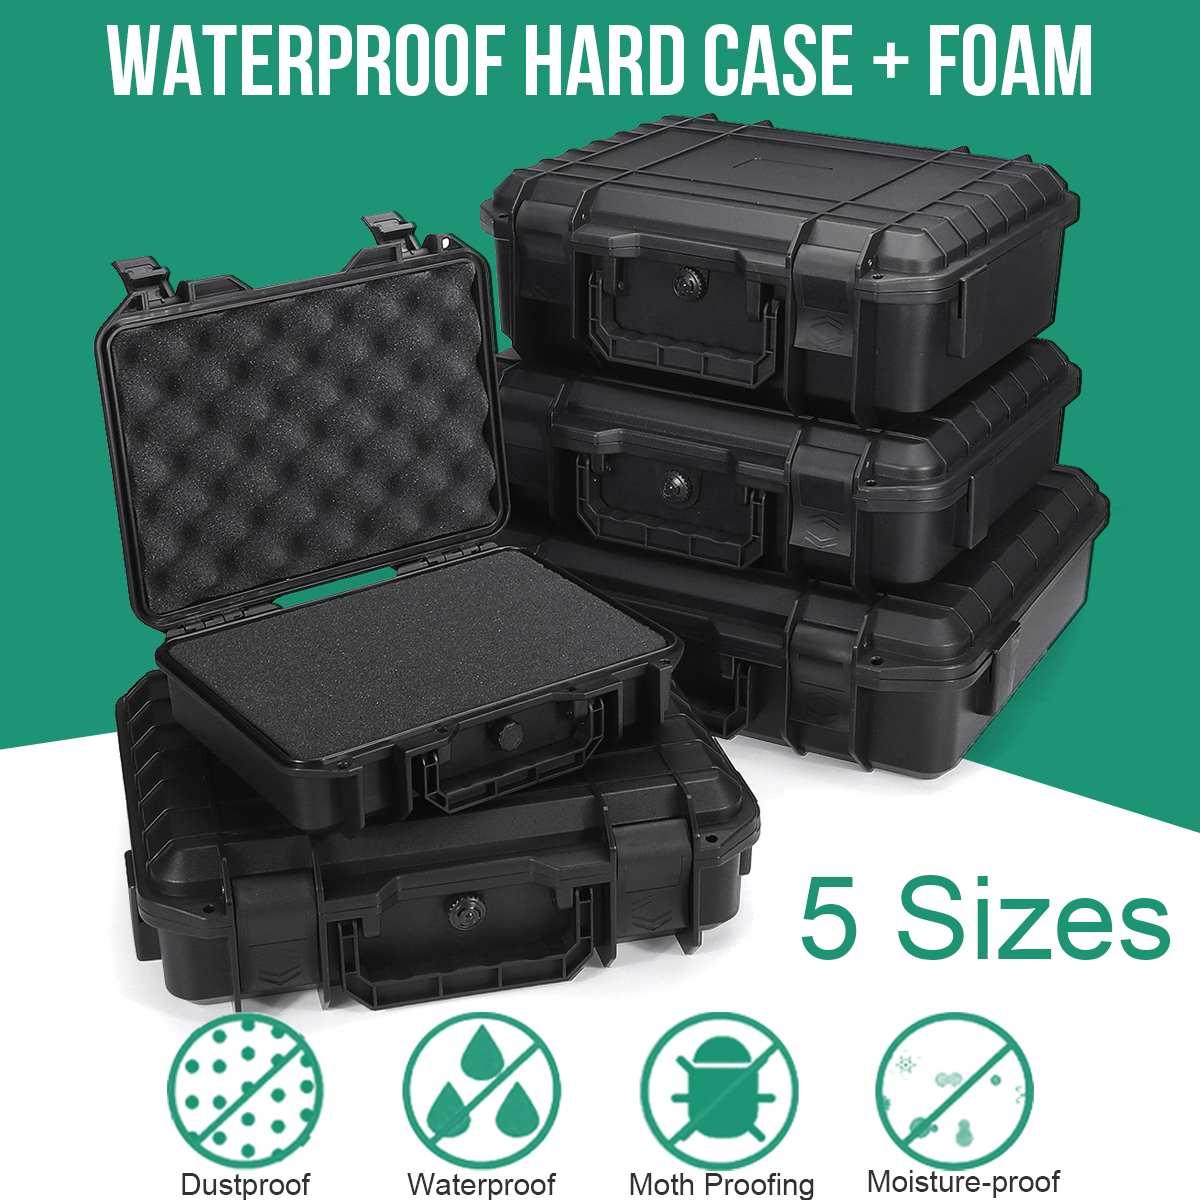 Schutz Sicherheit Instrument Werkzeug Box Wasserdicht Stoßfest Lagerung Toolbox Versiegelt Werkzeug Fall Auswirkungen Beständig Koffer Schwamm